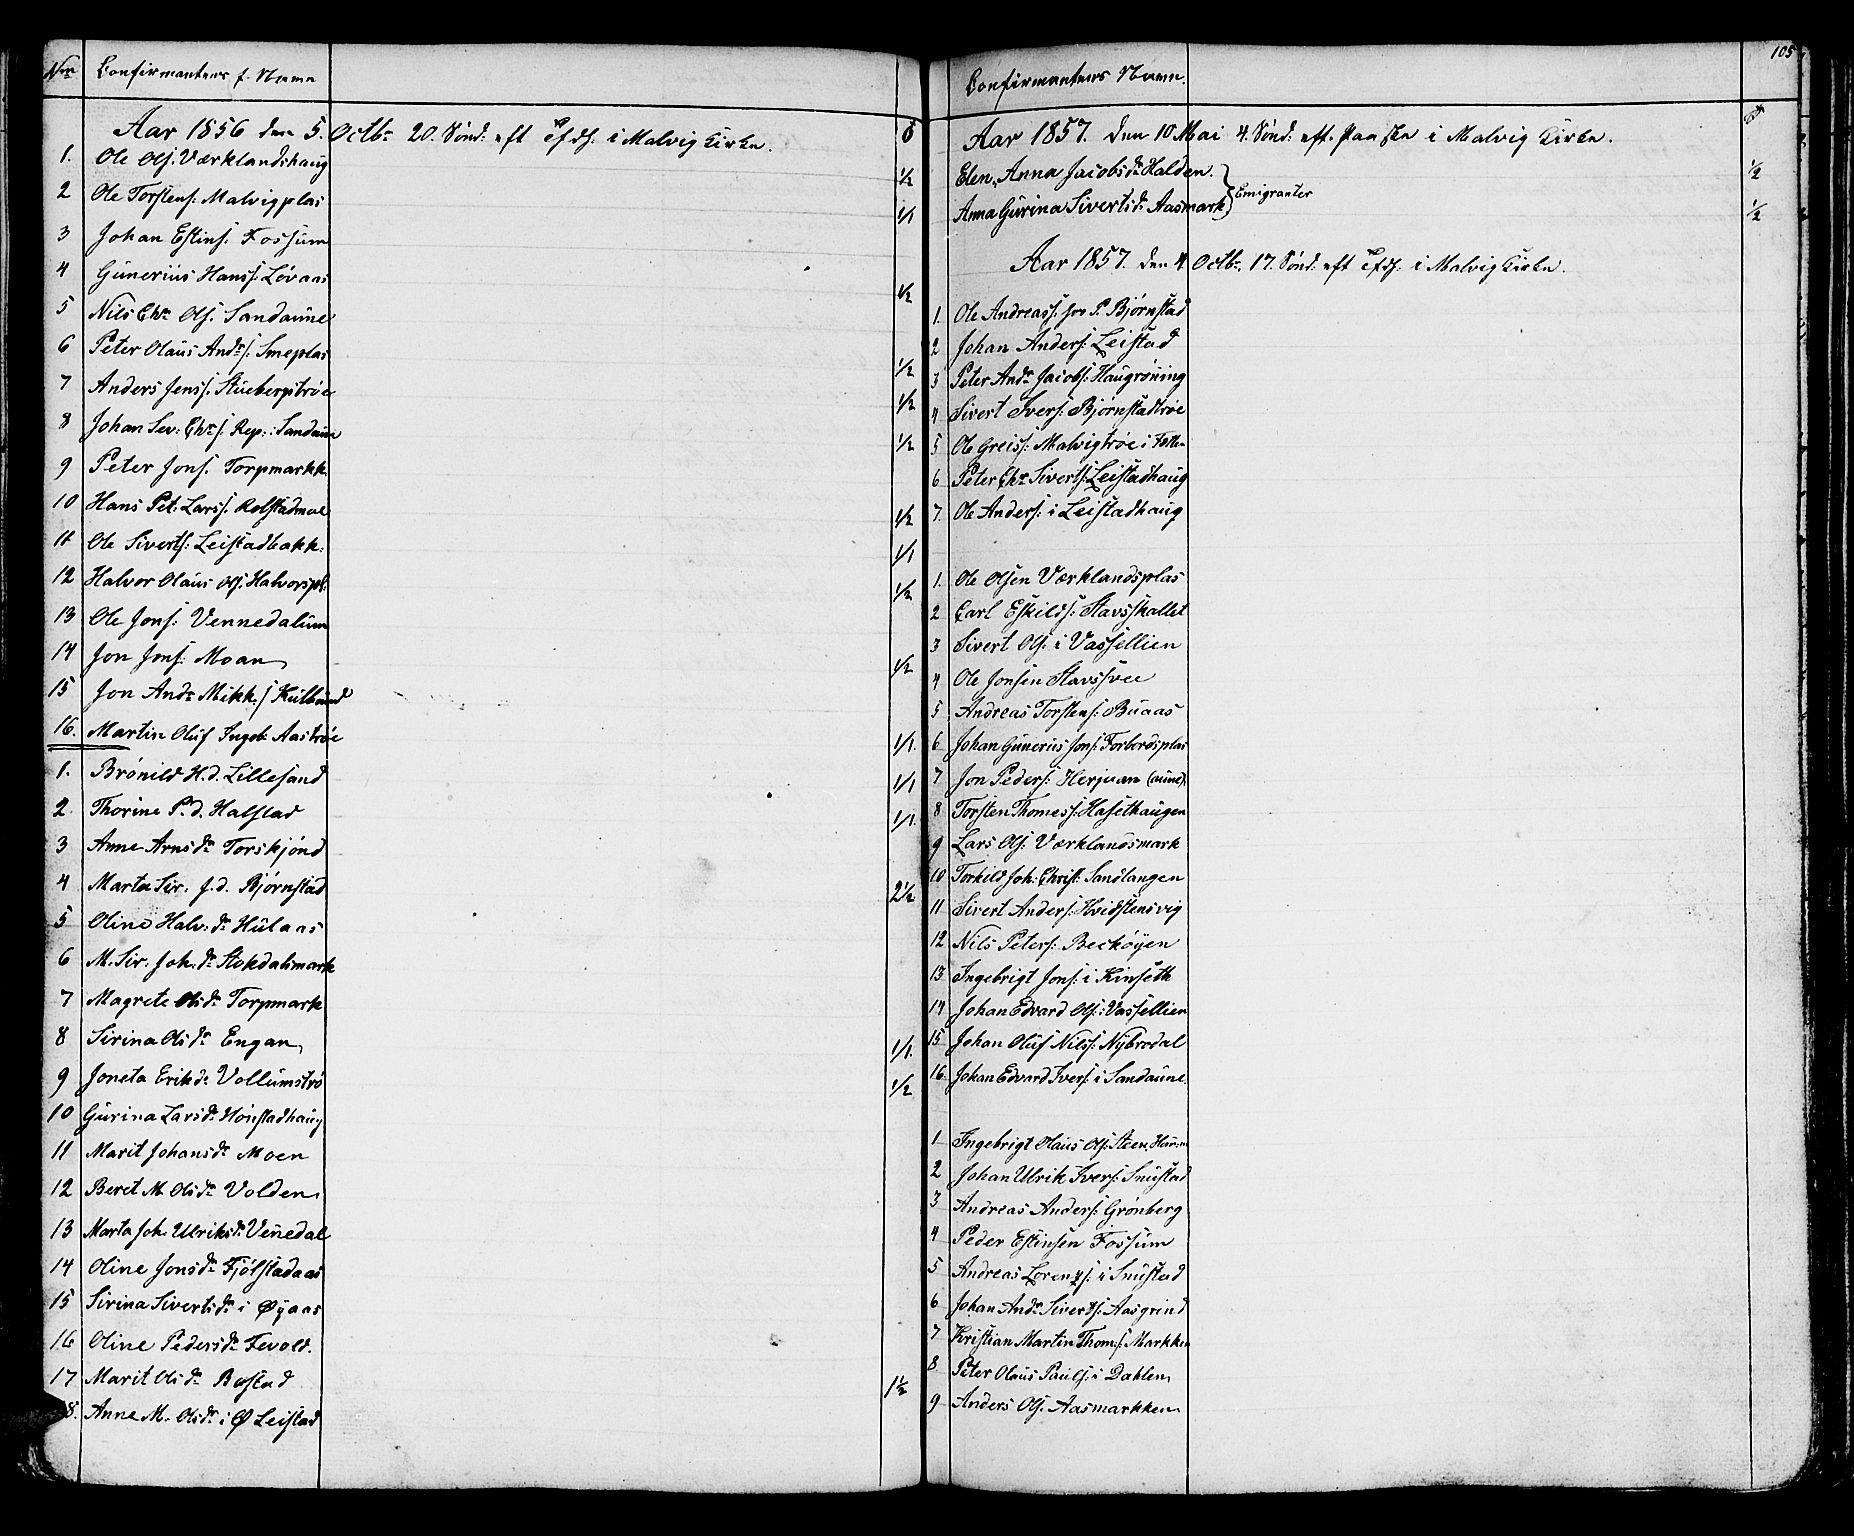 SAT, Ministerialprotokoller, klokkerbøker og fødselsregistre - Sør-Trøndelag, 616/L0422: Klokkerbok nr. 616C05, 1850-1888, s. 105